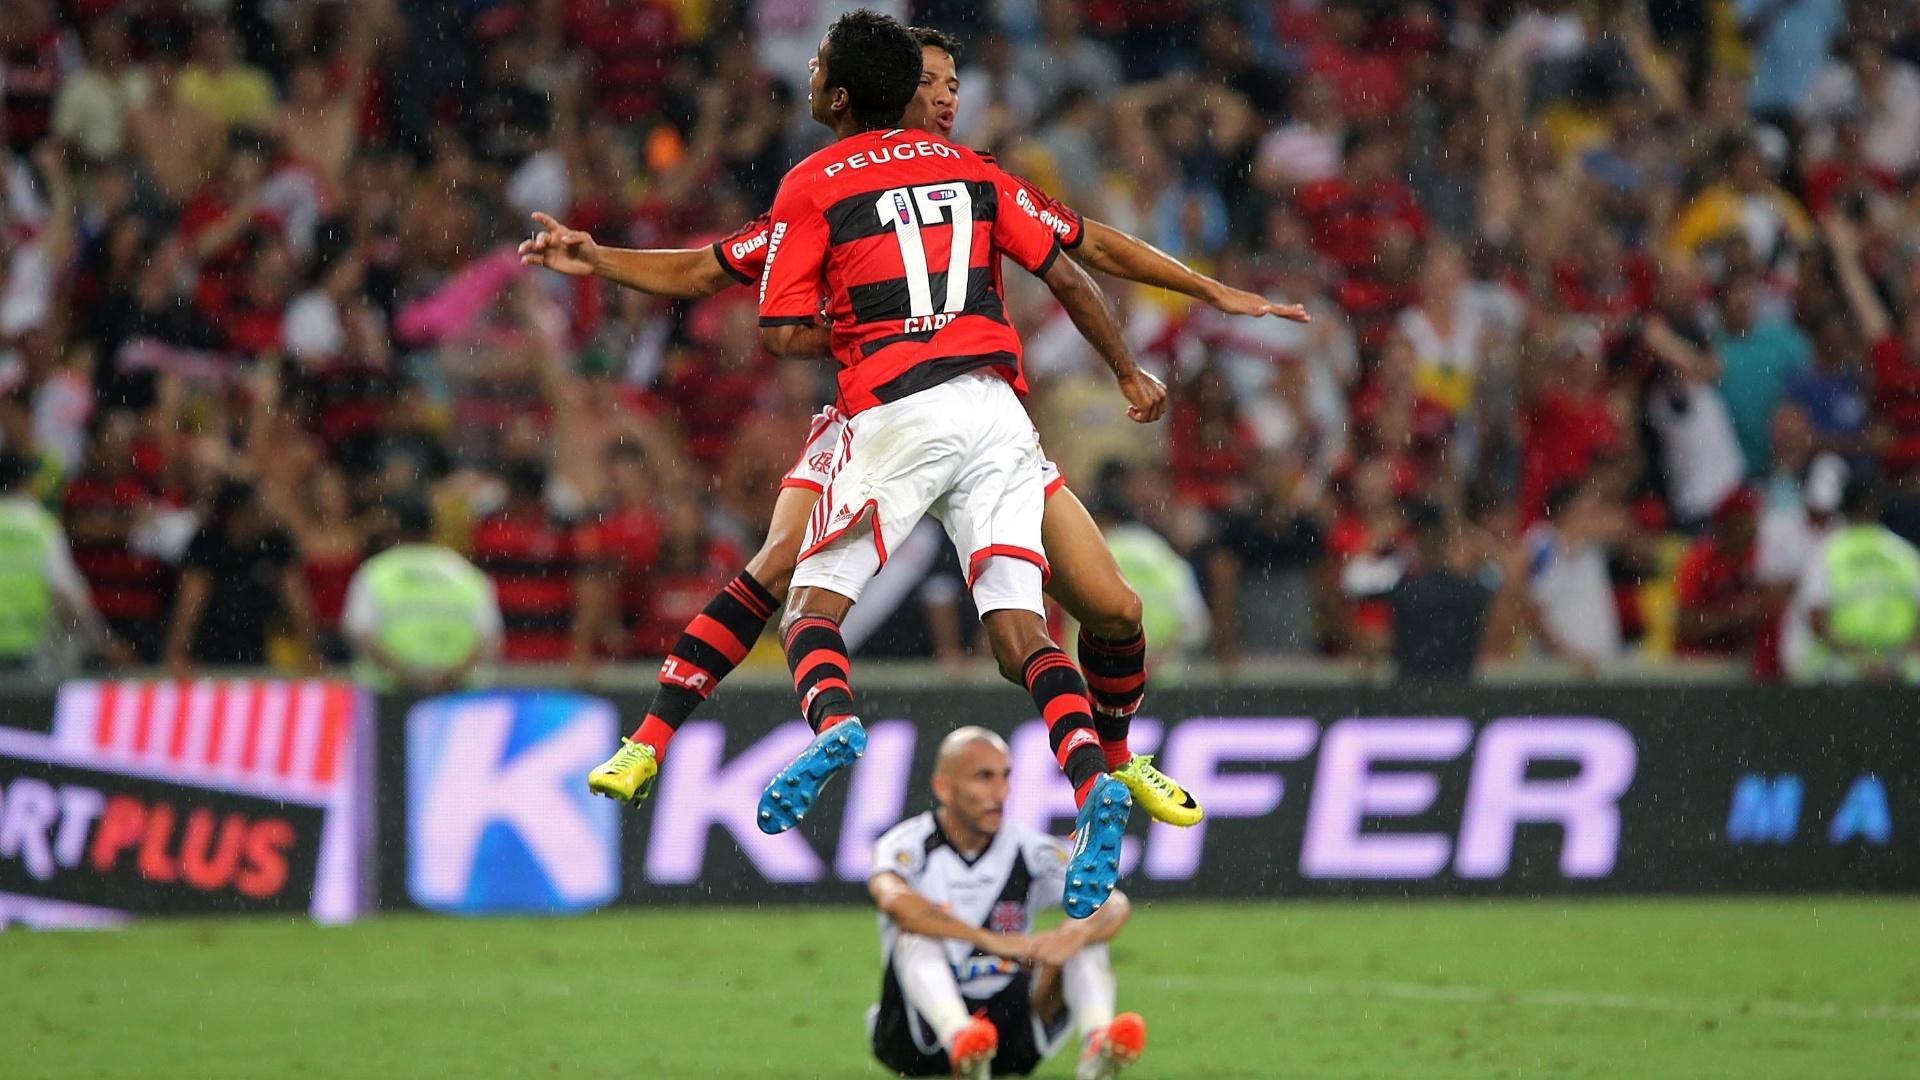 Flamenguistas comemoram título do Campeonato Carioca enquanto Guiñazú senta desolado com o vice